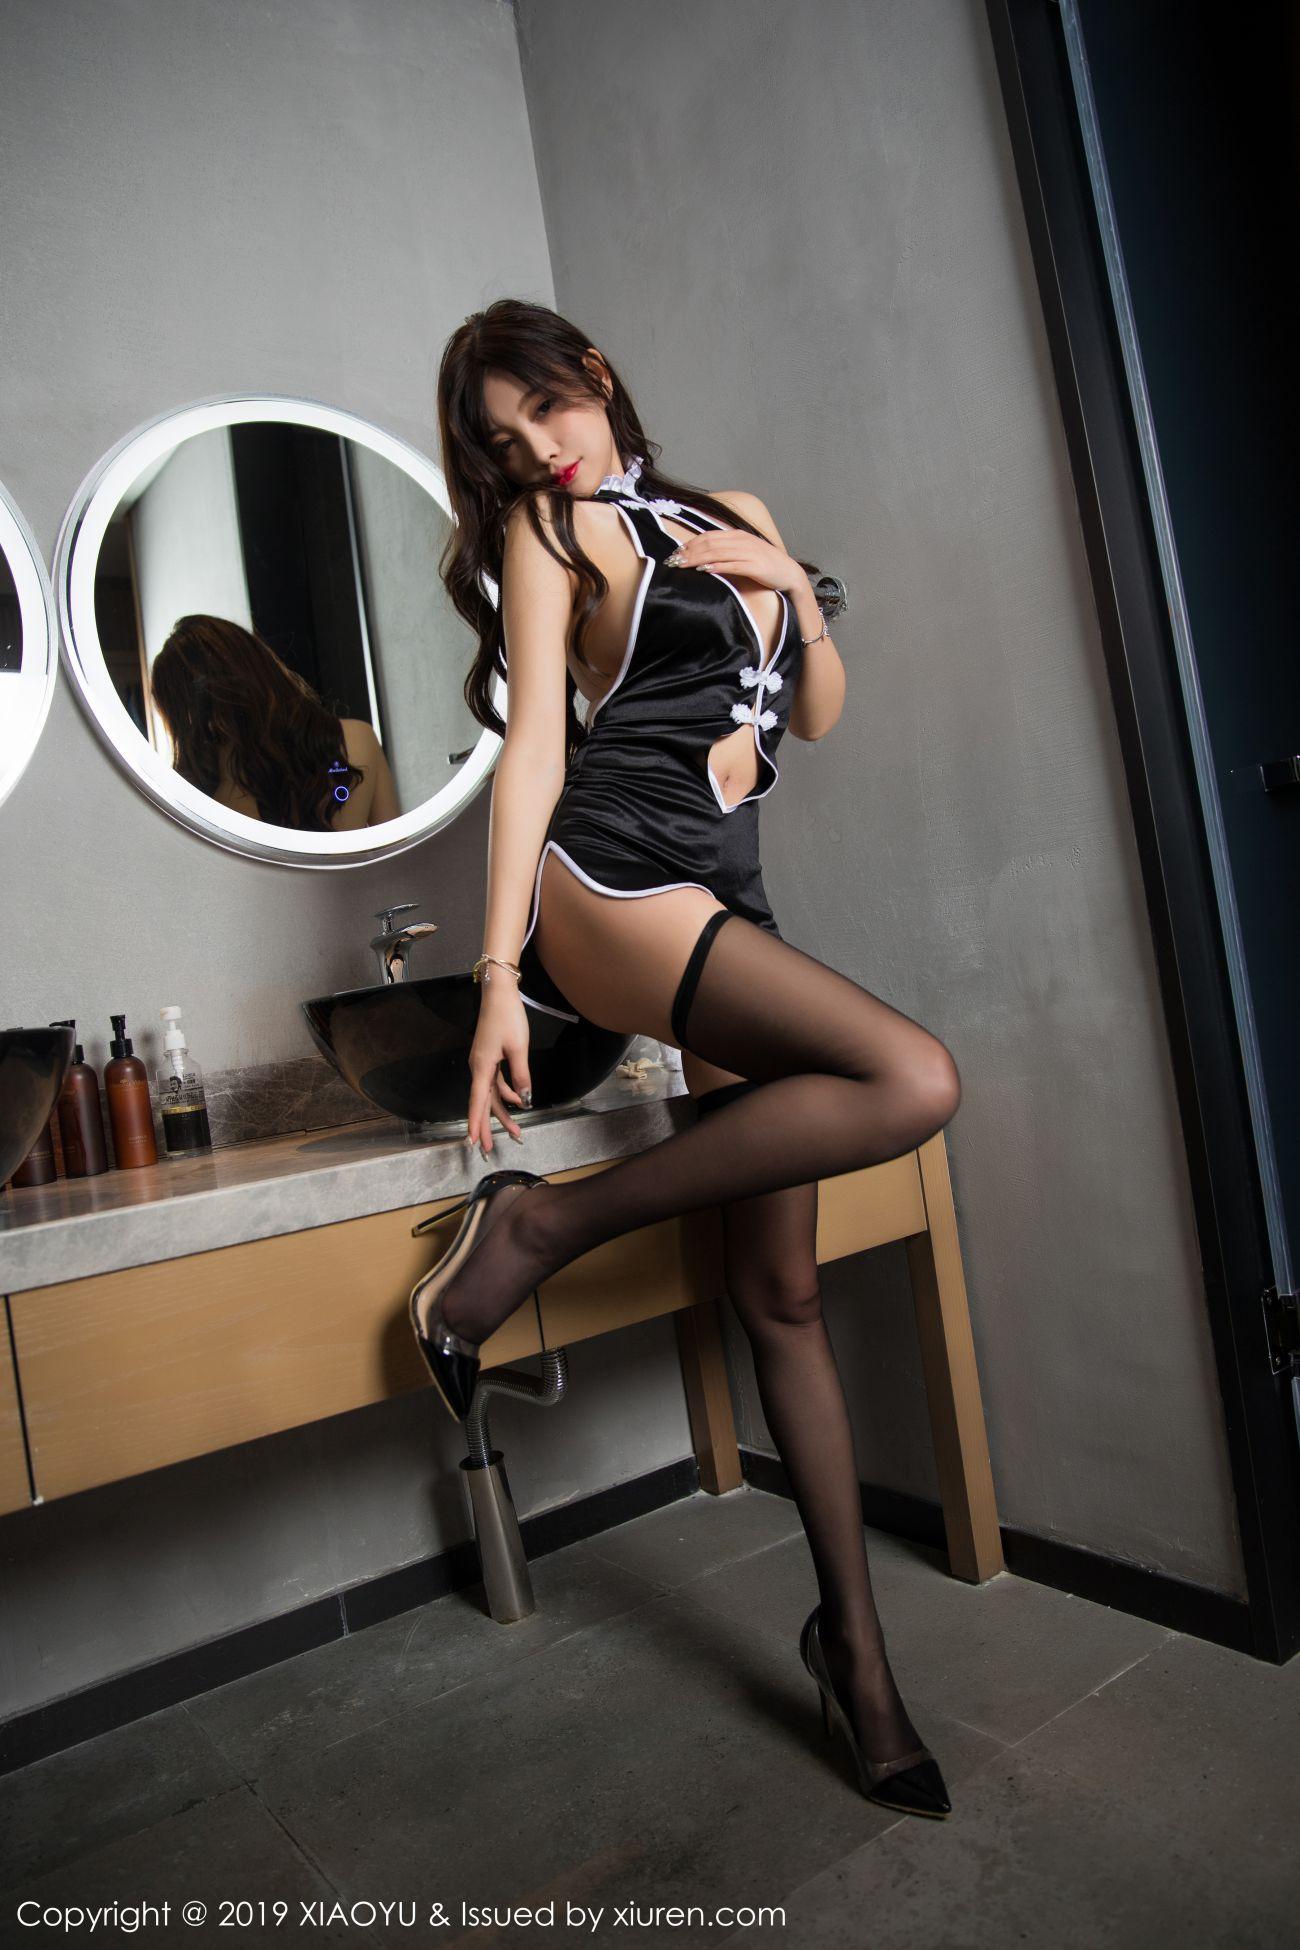 オナニーのためだけの台湾美女の身体(16pics)